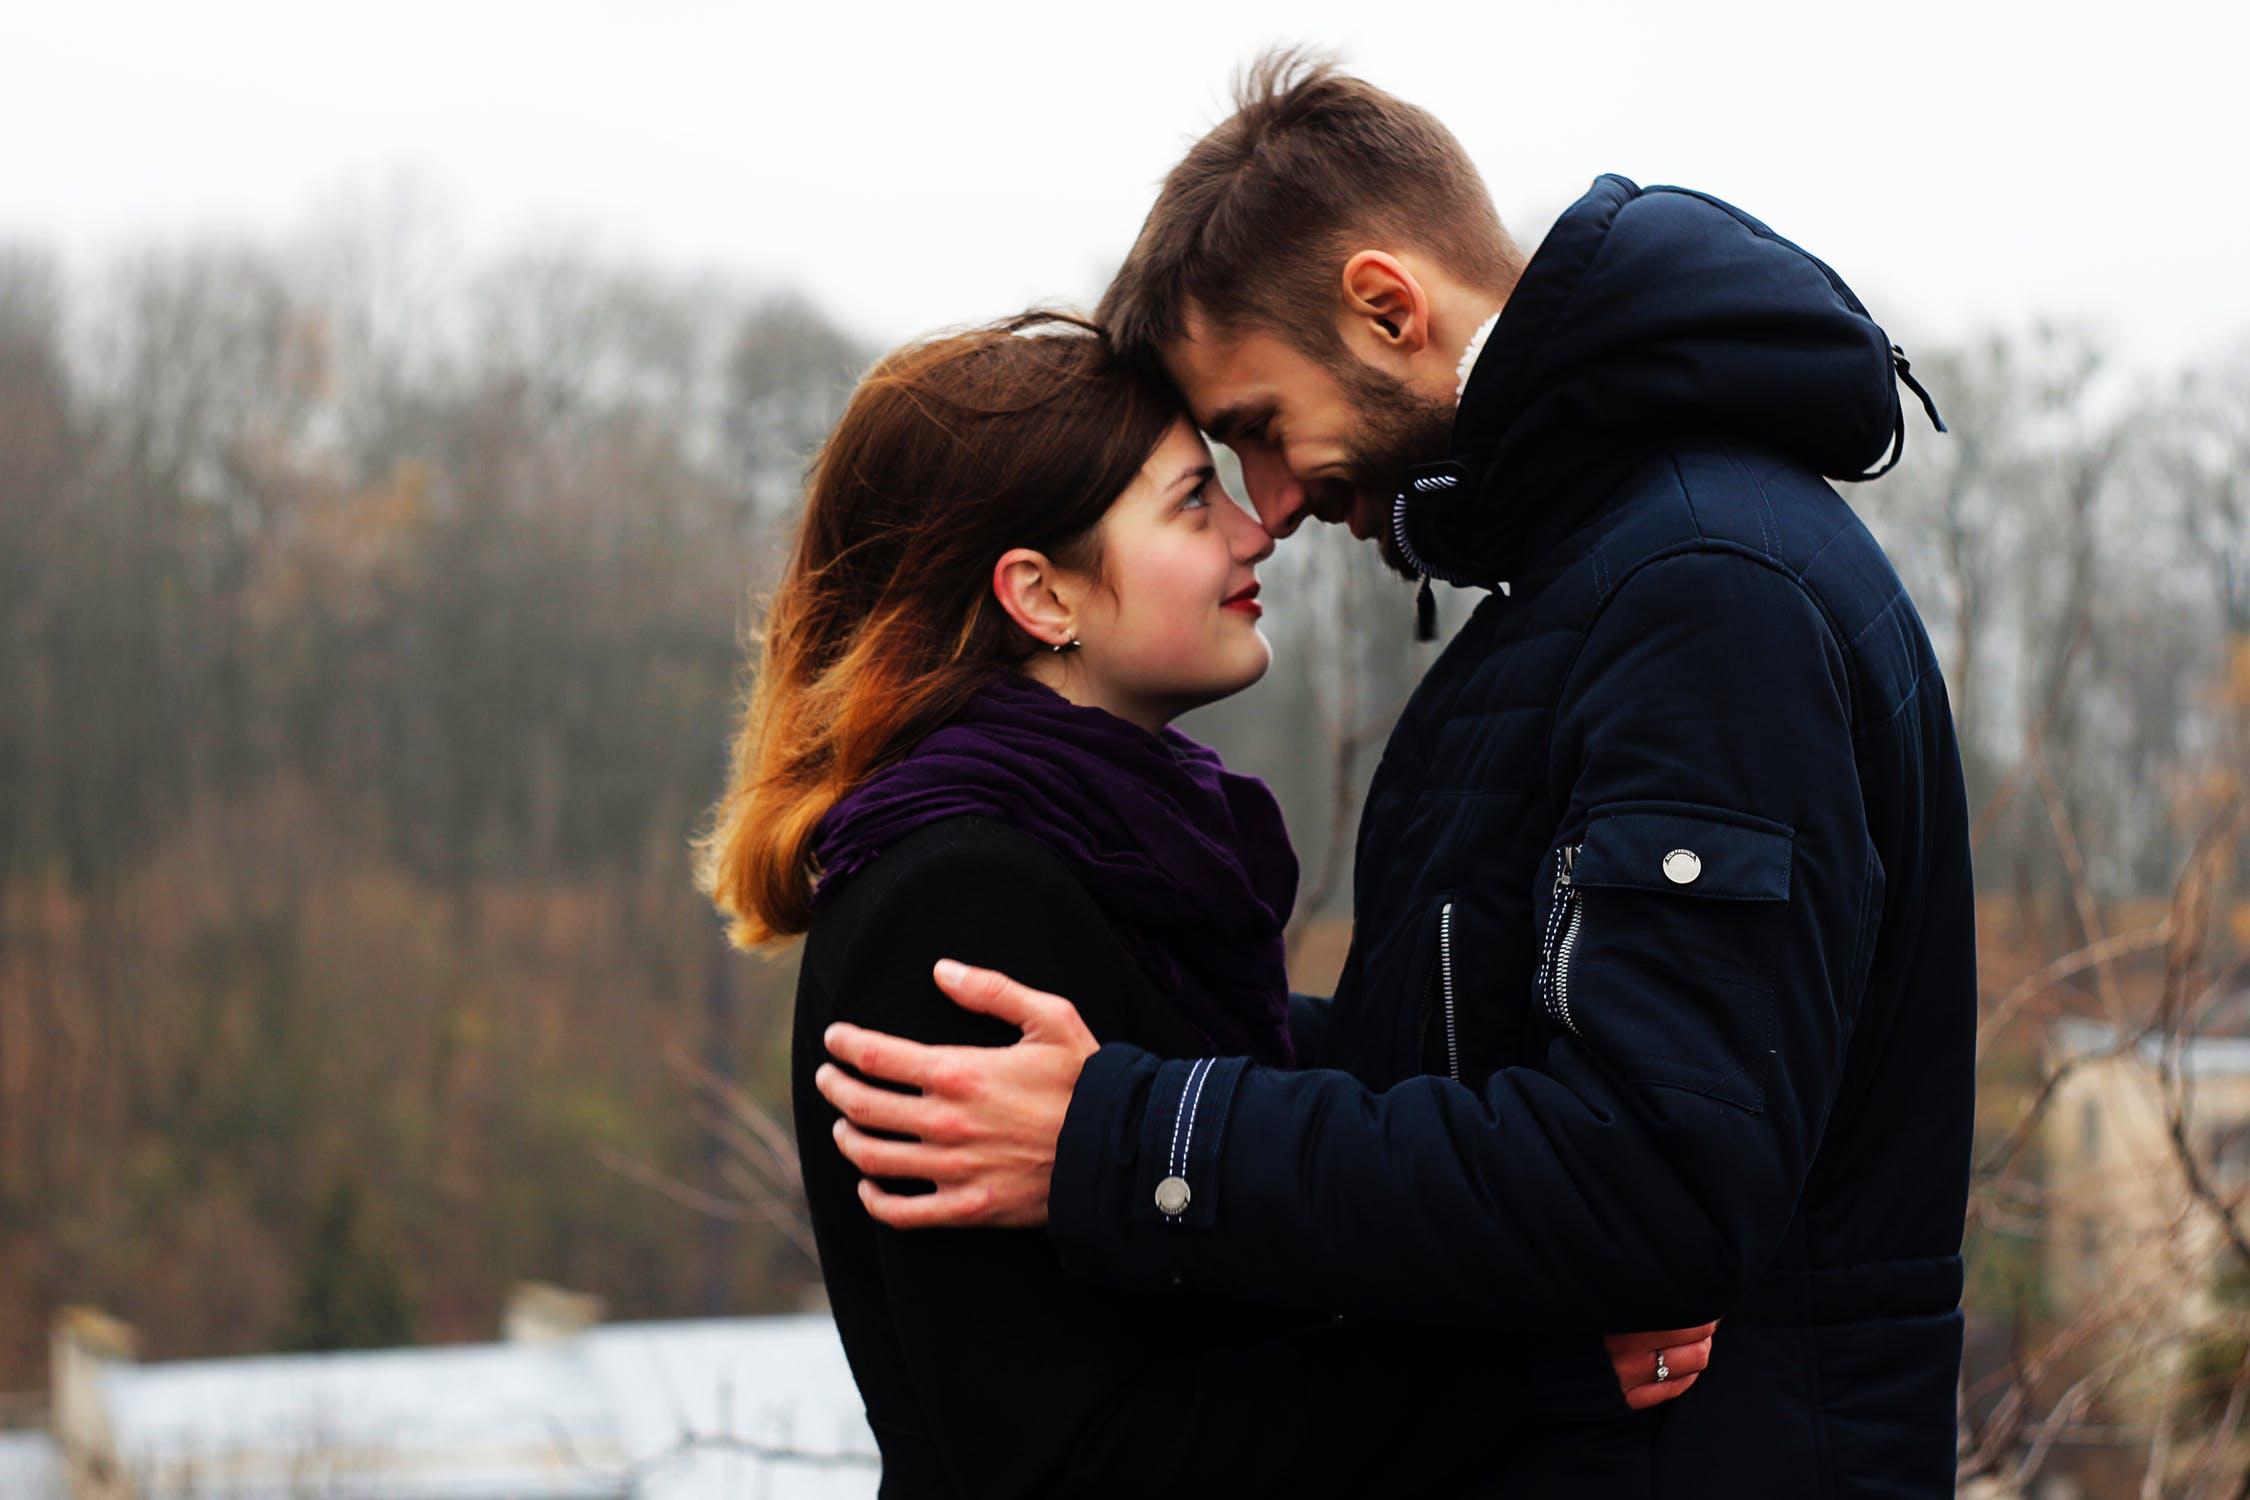 नियमित शारीरिक संबंधांमुळे हार्मोनल लेवल बॅलन्स राहते. तज्ज्ञांच्या मते, जर नियमित शारीरिक संबंध नसतील तर स्त्रीयांच्या मासिक पाळीवर याचा परिणाम होतो.